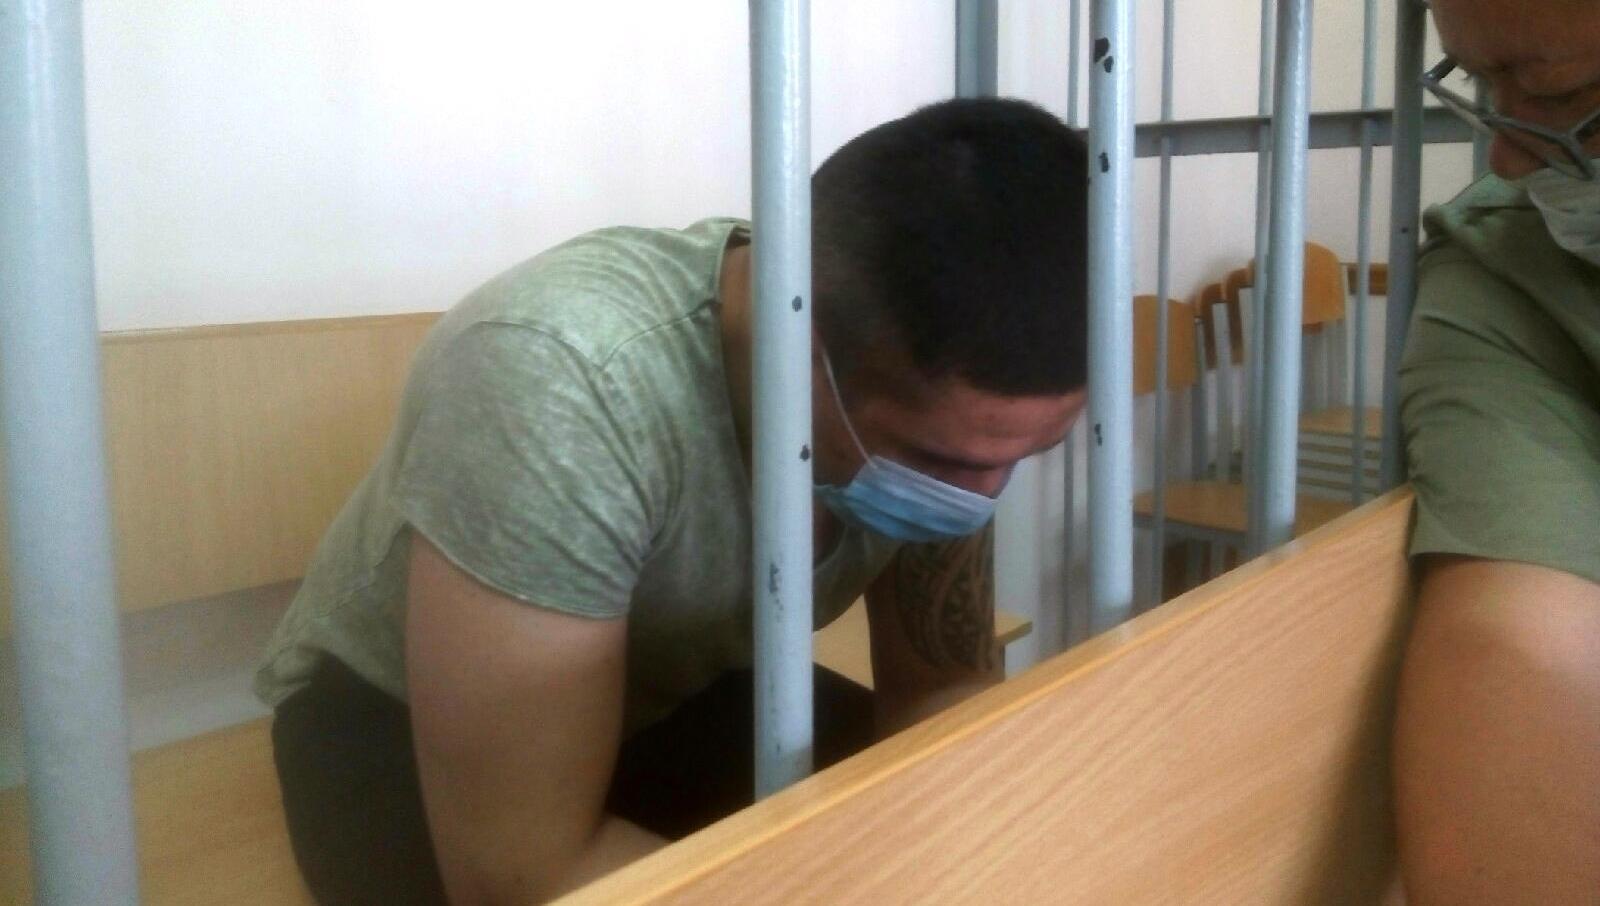 В Твери суд опять объявил перерыв в рассмотрении уголовного дела Эмиля Байрамова - новости Афанасий